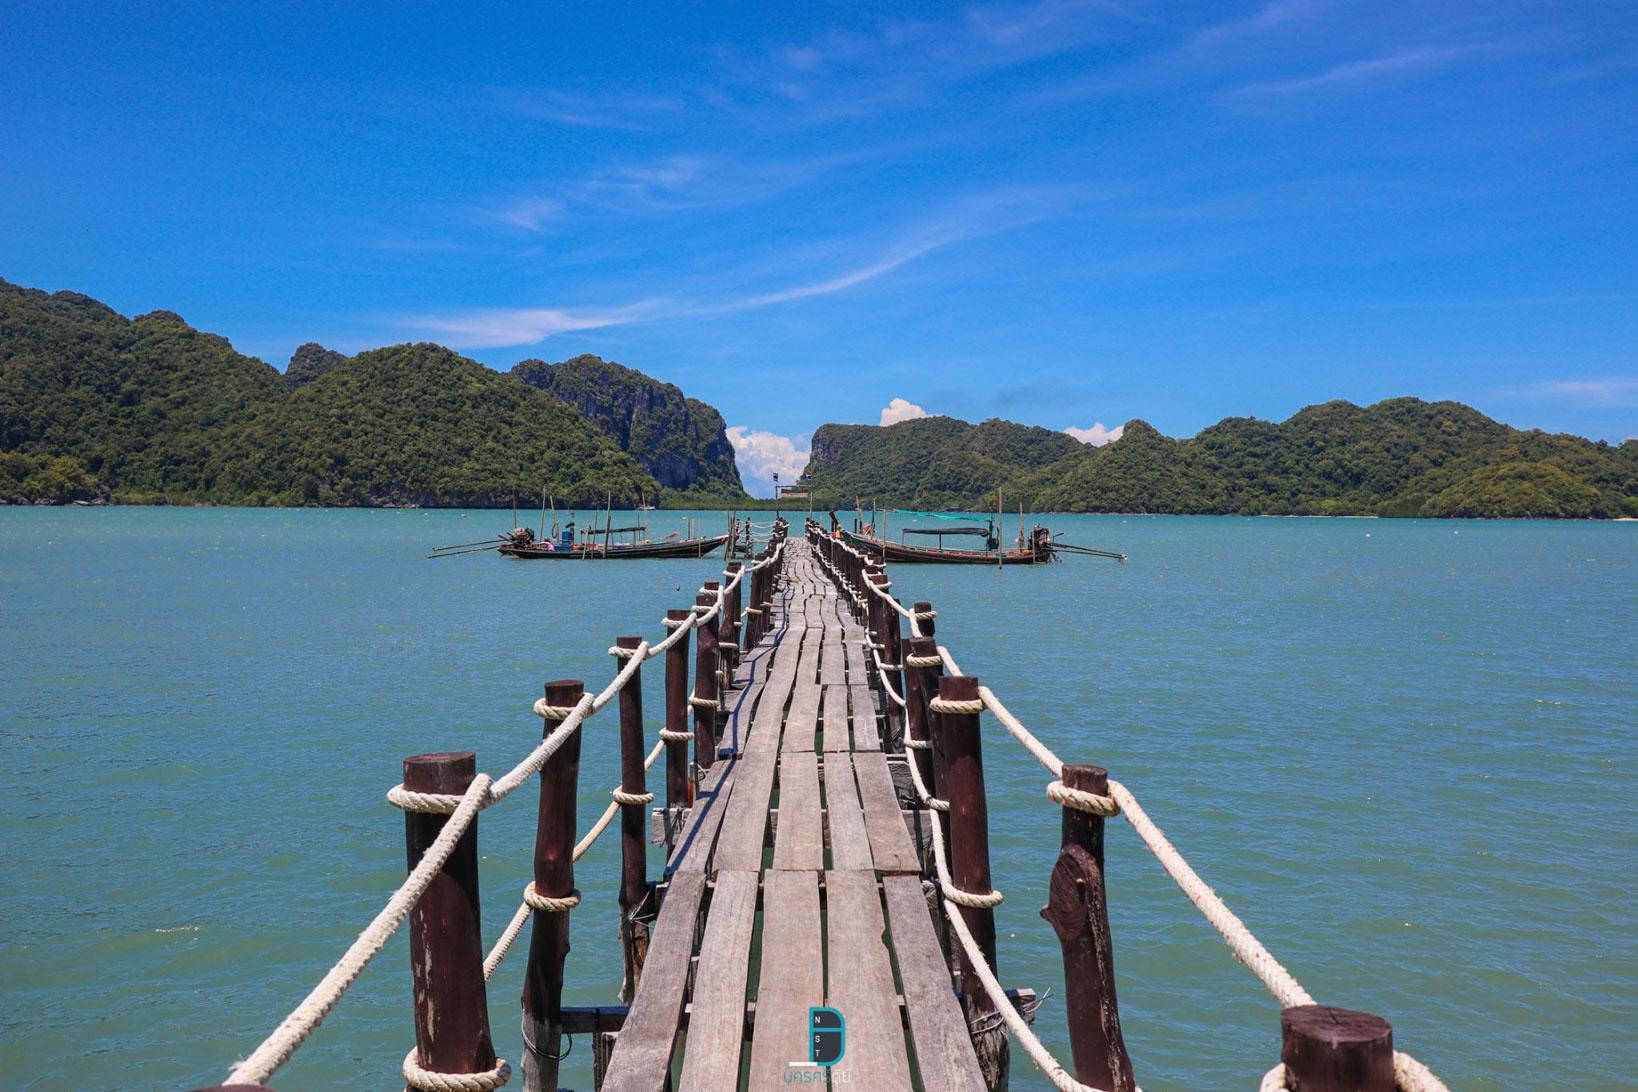 สะพานไม้อ่าวเตล็ด ขอบอกว่าสวยจริงๆกับจุดนี้-ใครมาก็ต้องได้ซักรูปติดมือไปเน้ออออ ที่พักขนอม,นครศรี,ขนอม,วิวหลักล้าน,ทะเล,ธรรมชาติ,ภูเขา,โรงแรม,รีสอร์ท